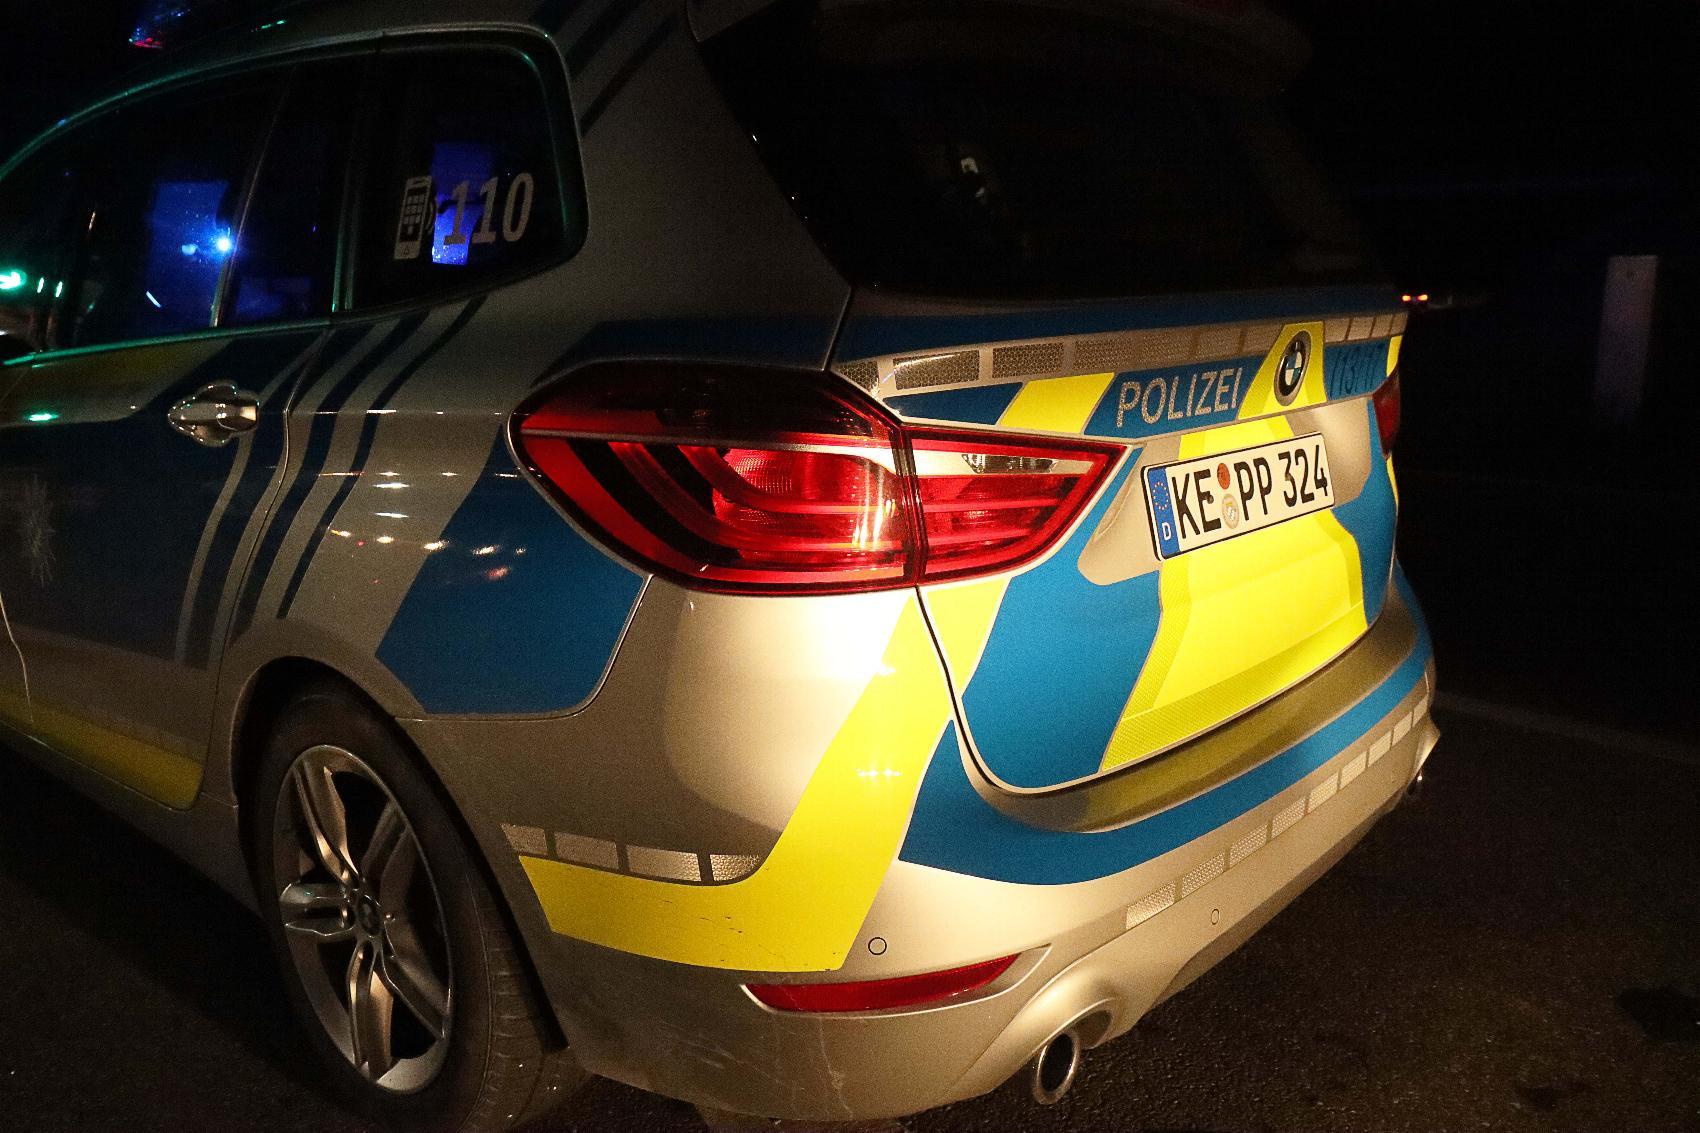 Polizeifahrzeug Nacht 1